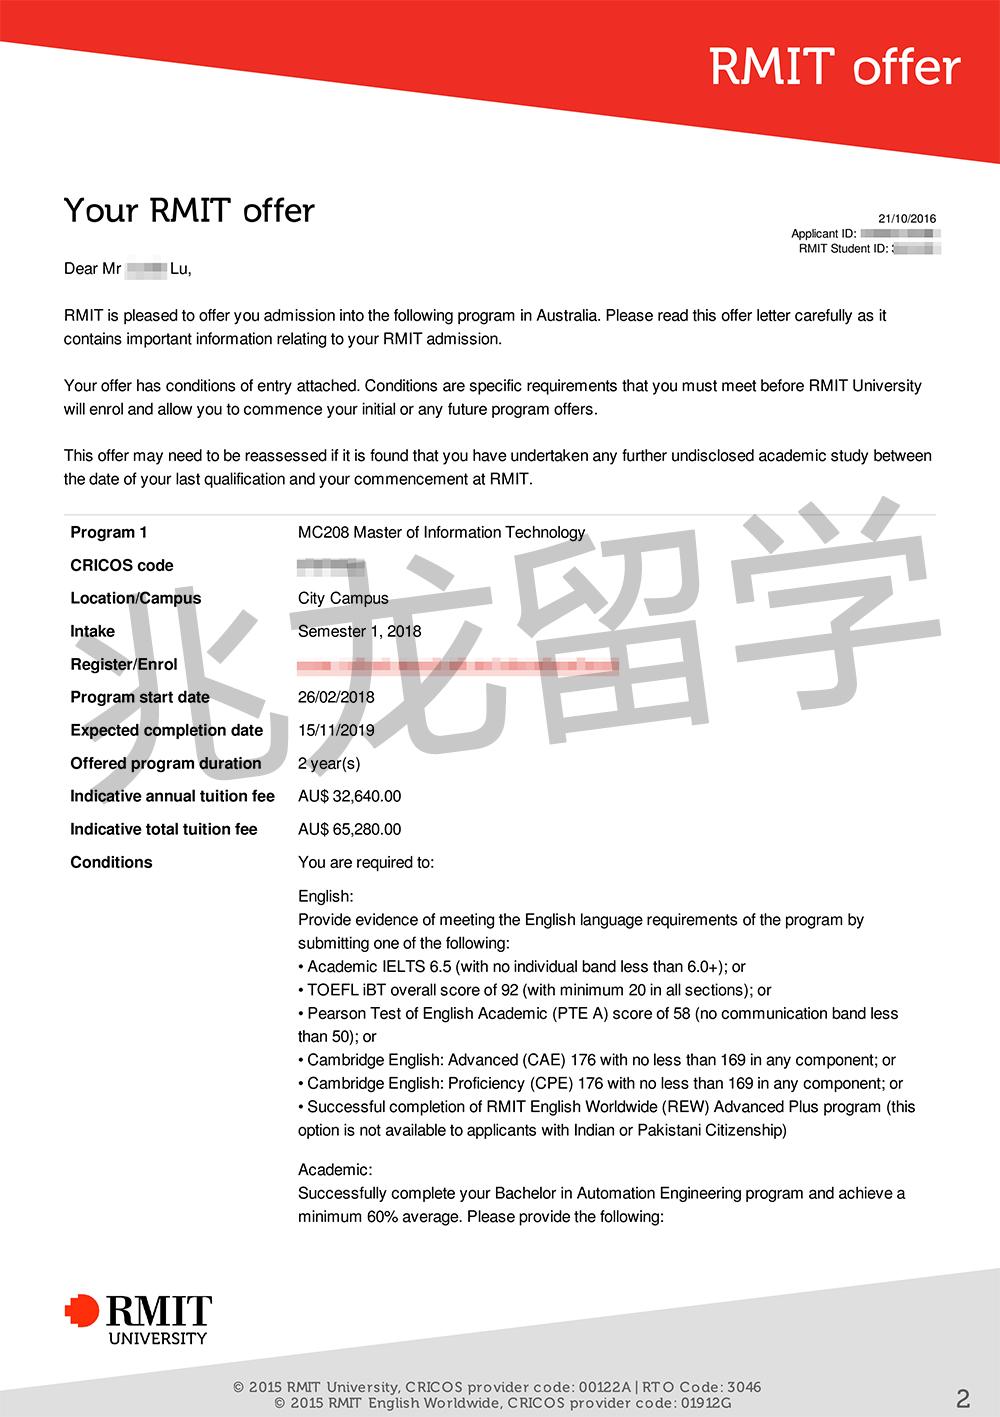 恭喜兆龙陆同学喜获皇家墨尔本理工大学offer